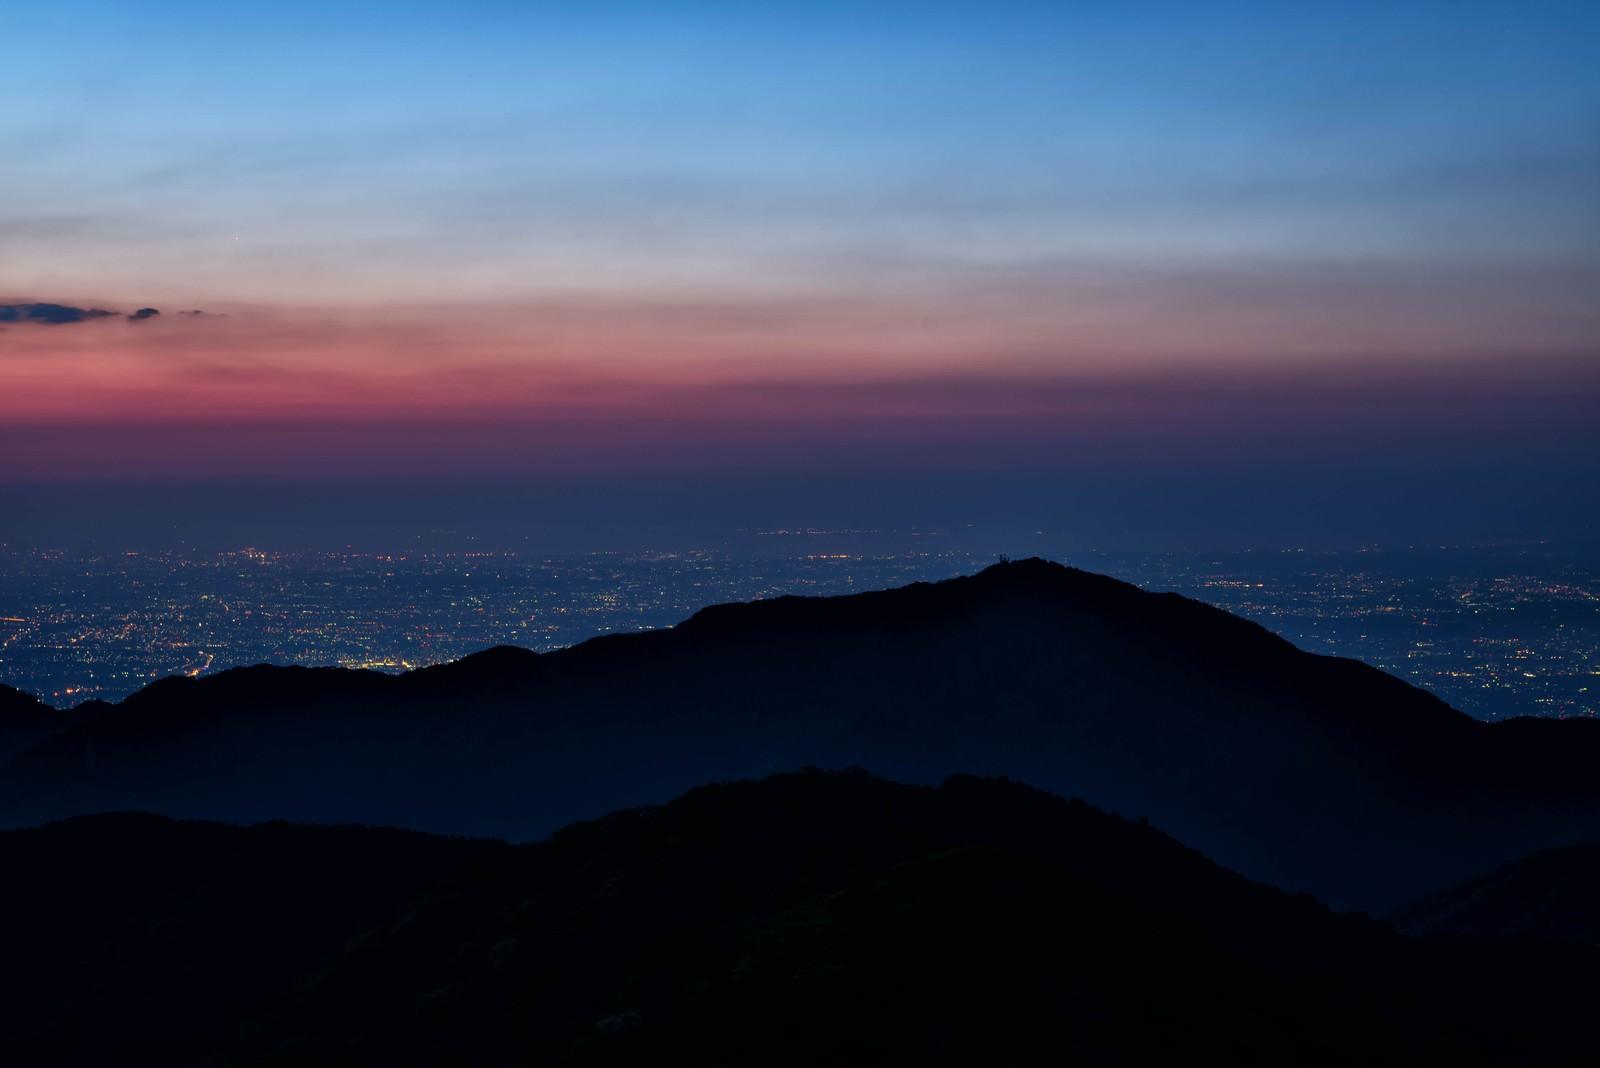 「大山のシルエットと眼下に広がる街の夜景」の写真